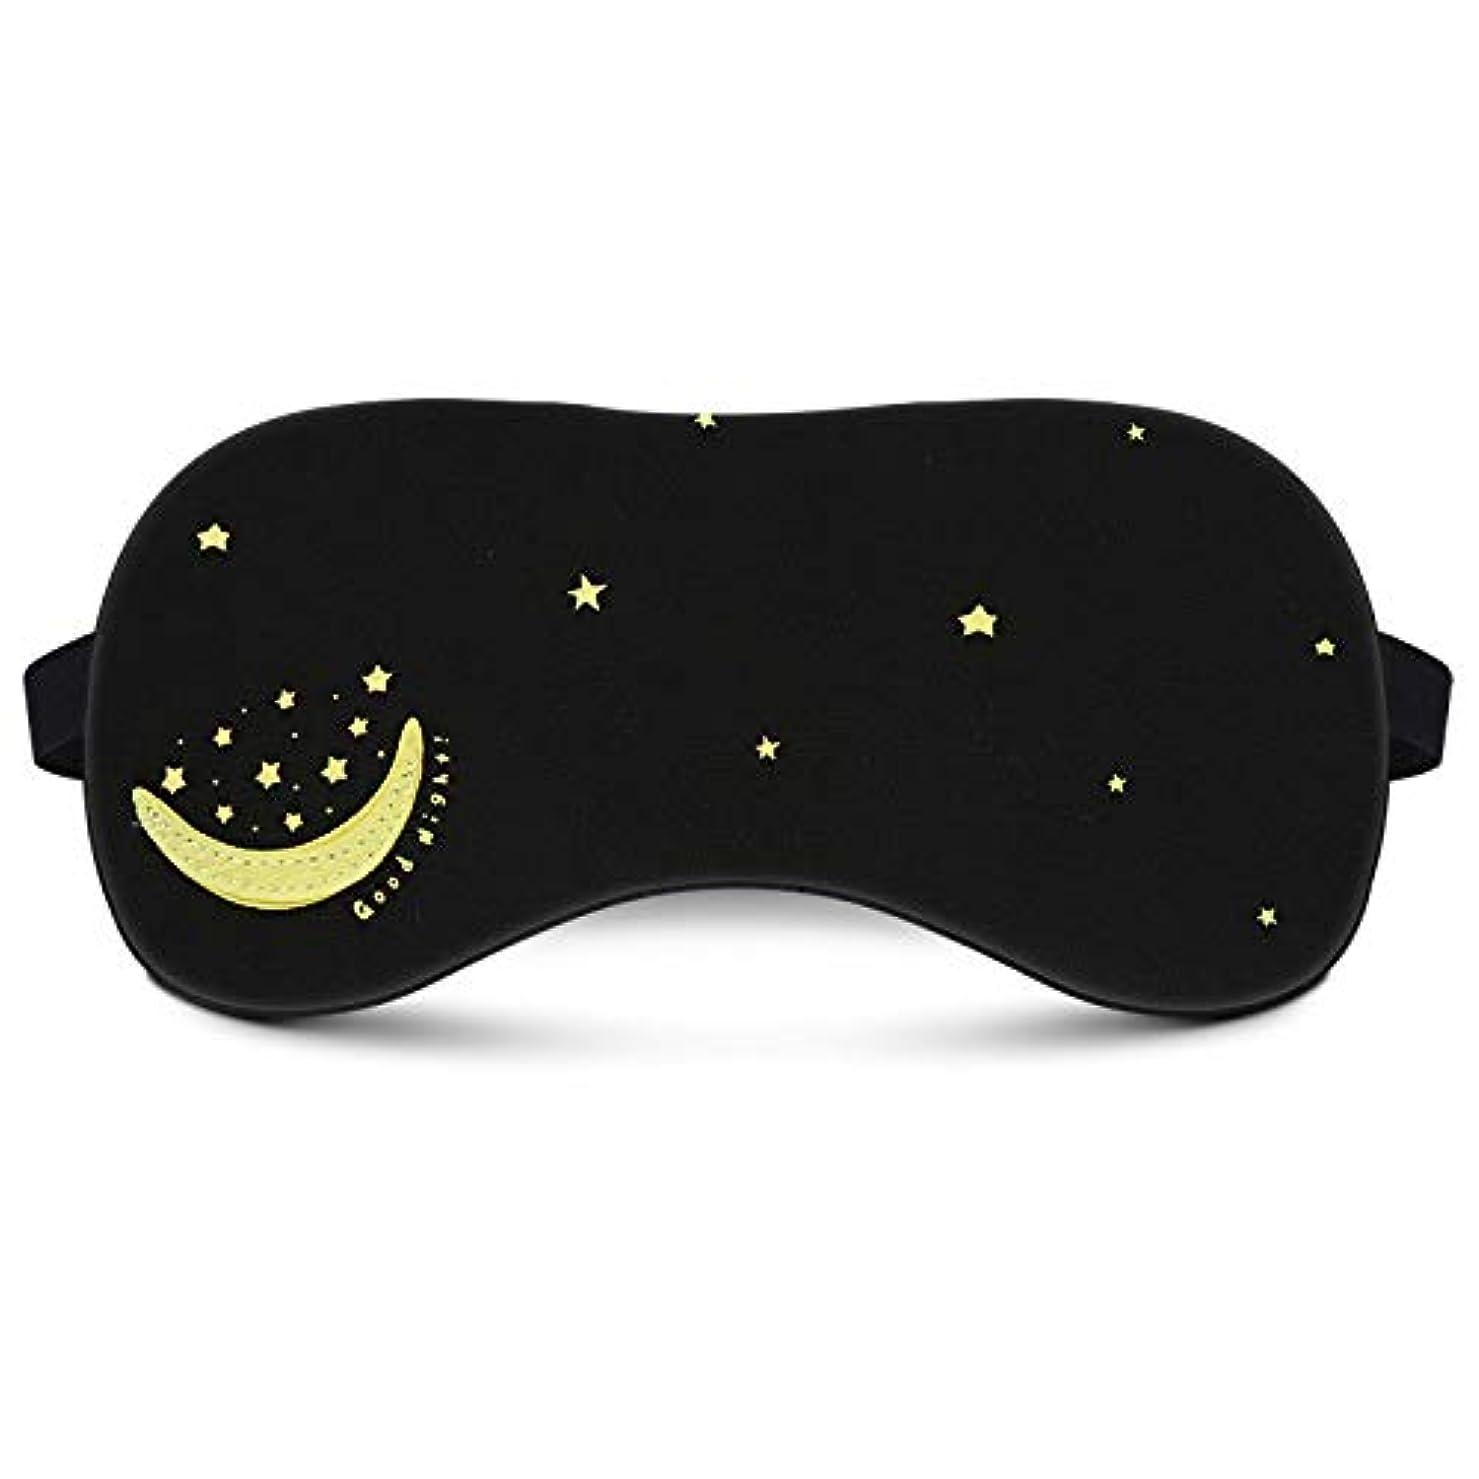 交流する信じられない憂鬱NOTE Eearplug無料ギフトブラックナイト睡眠マスク用包帯付き睡眠目隠し睡眠アイマスク目カバーフェイスマスク用昼寝